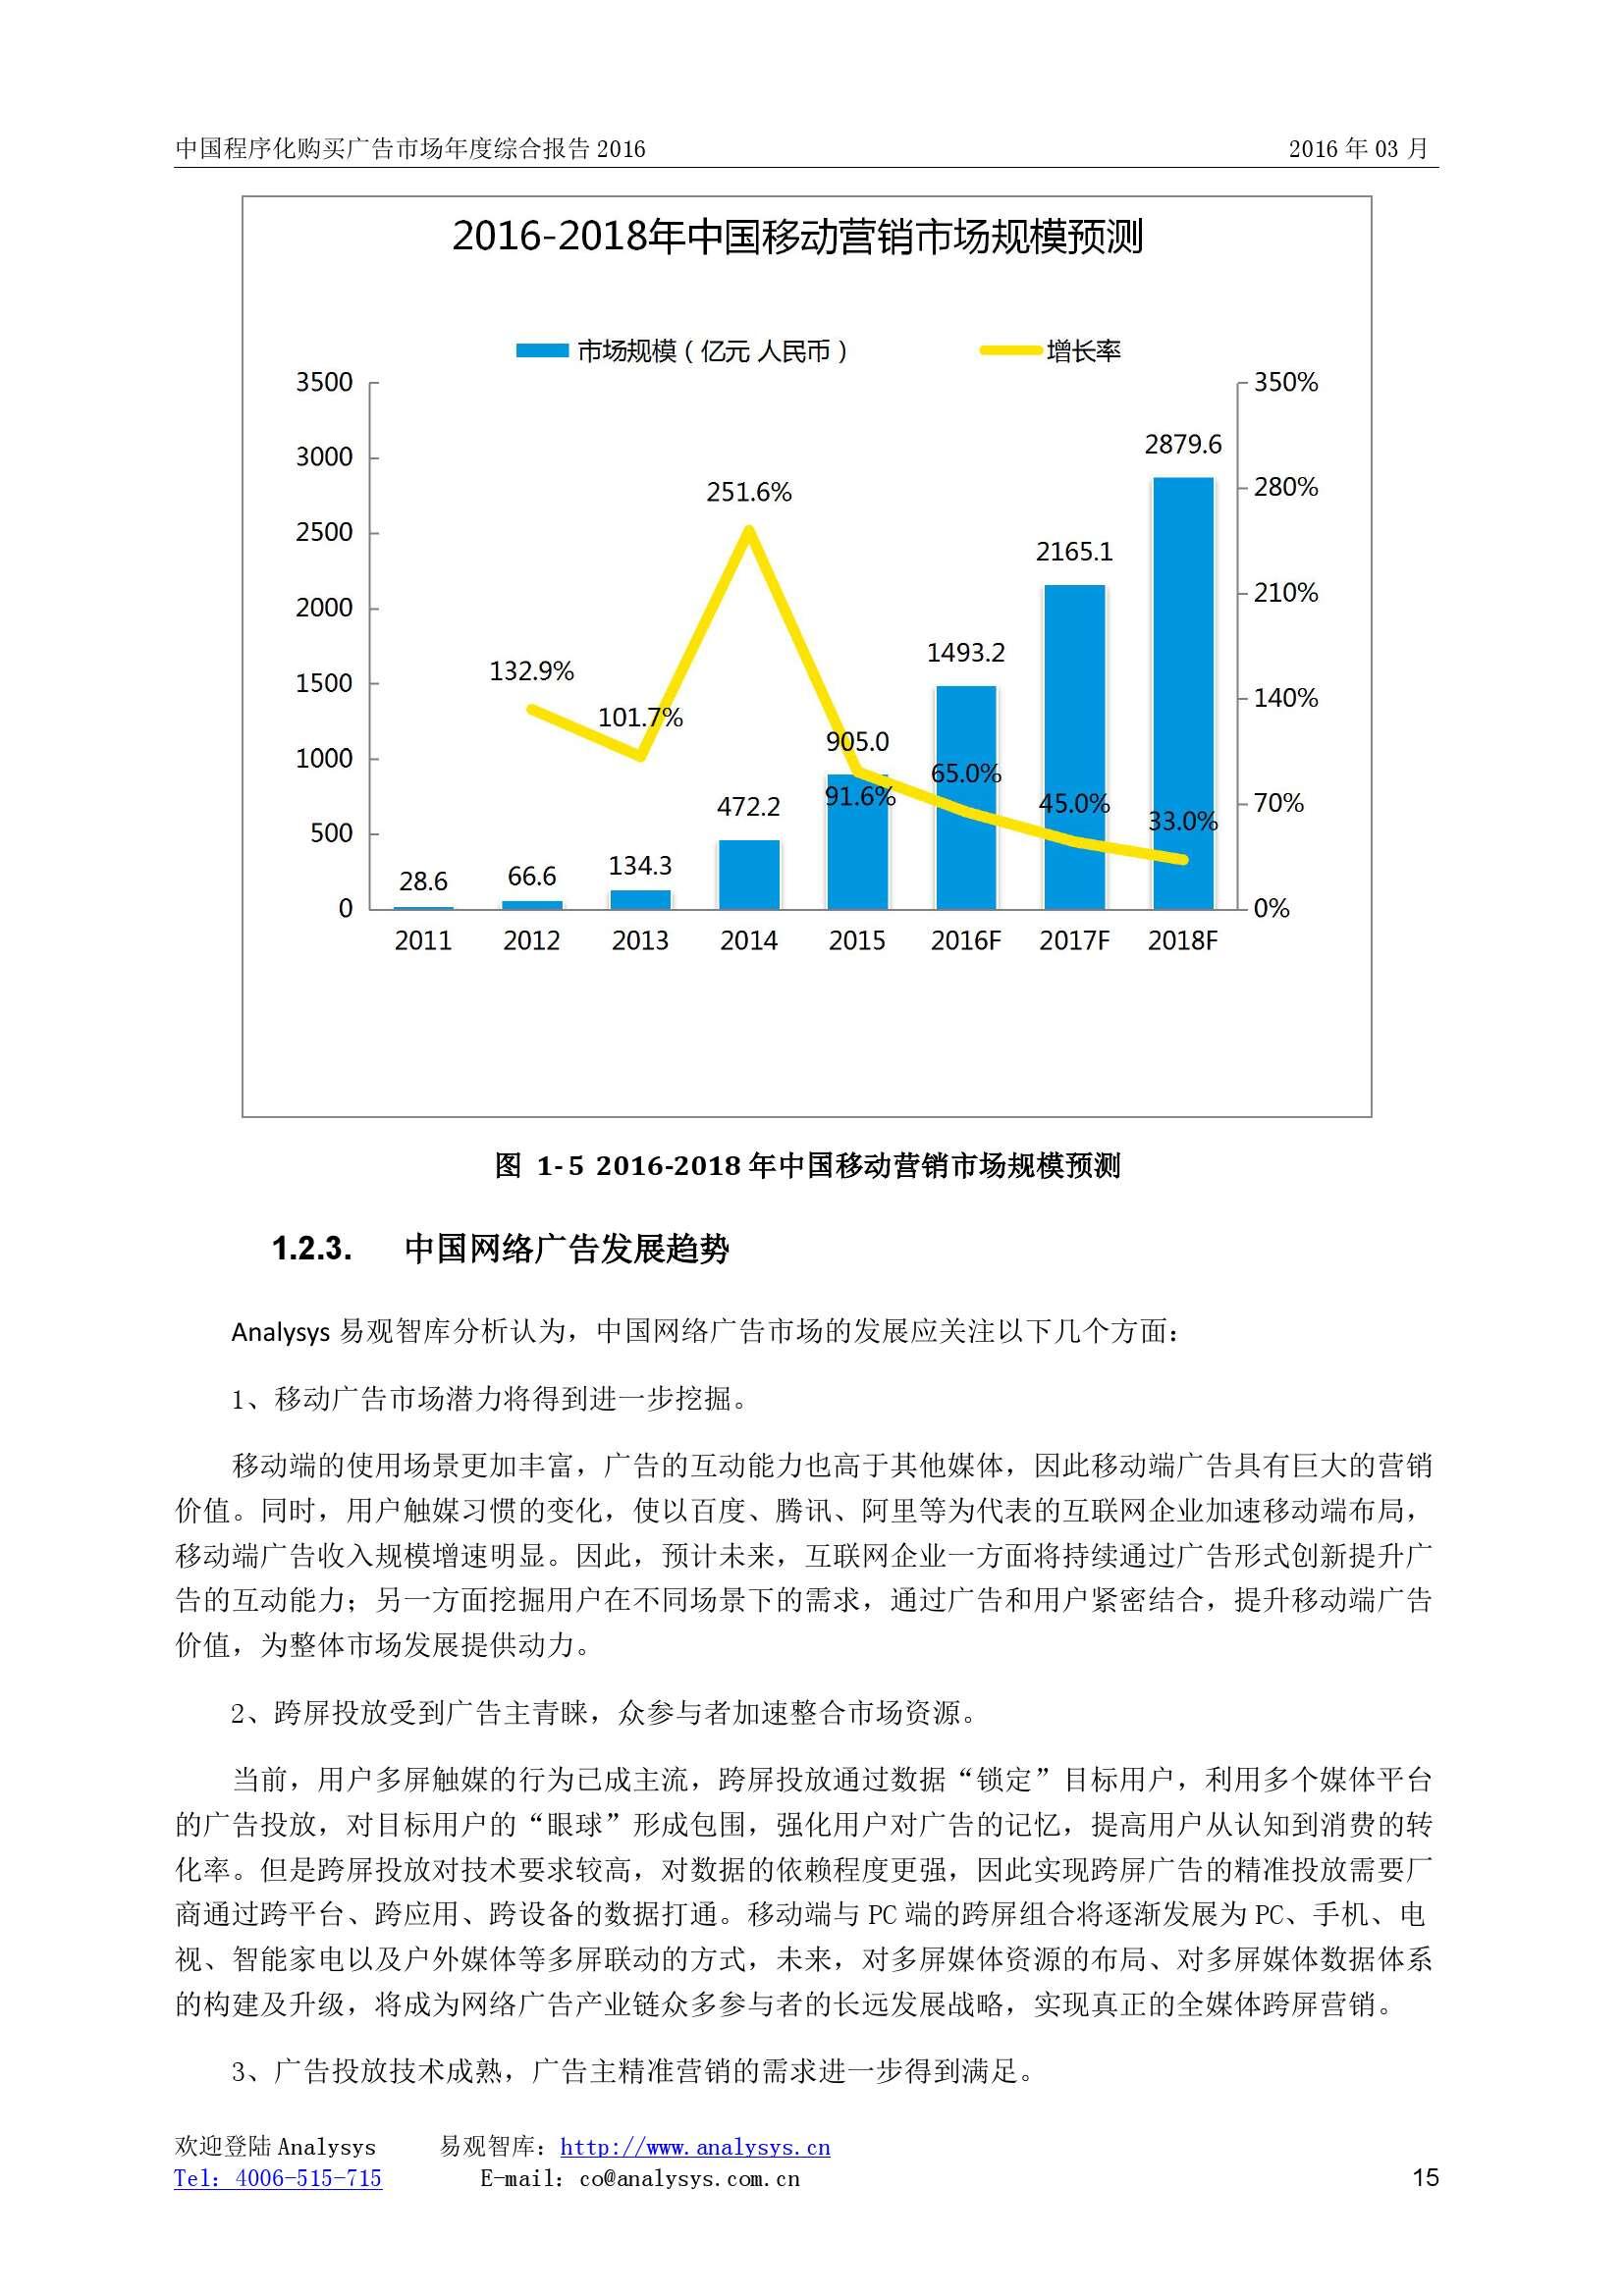 中国程序化购买广告市场年度综合报告2016_000015